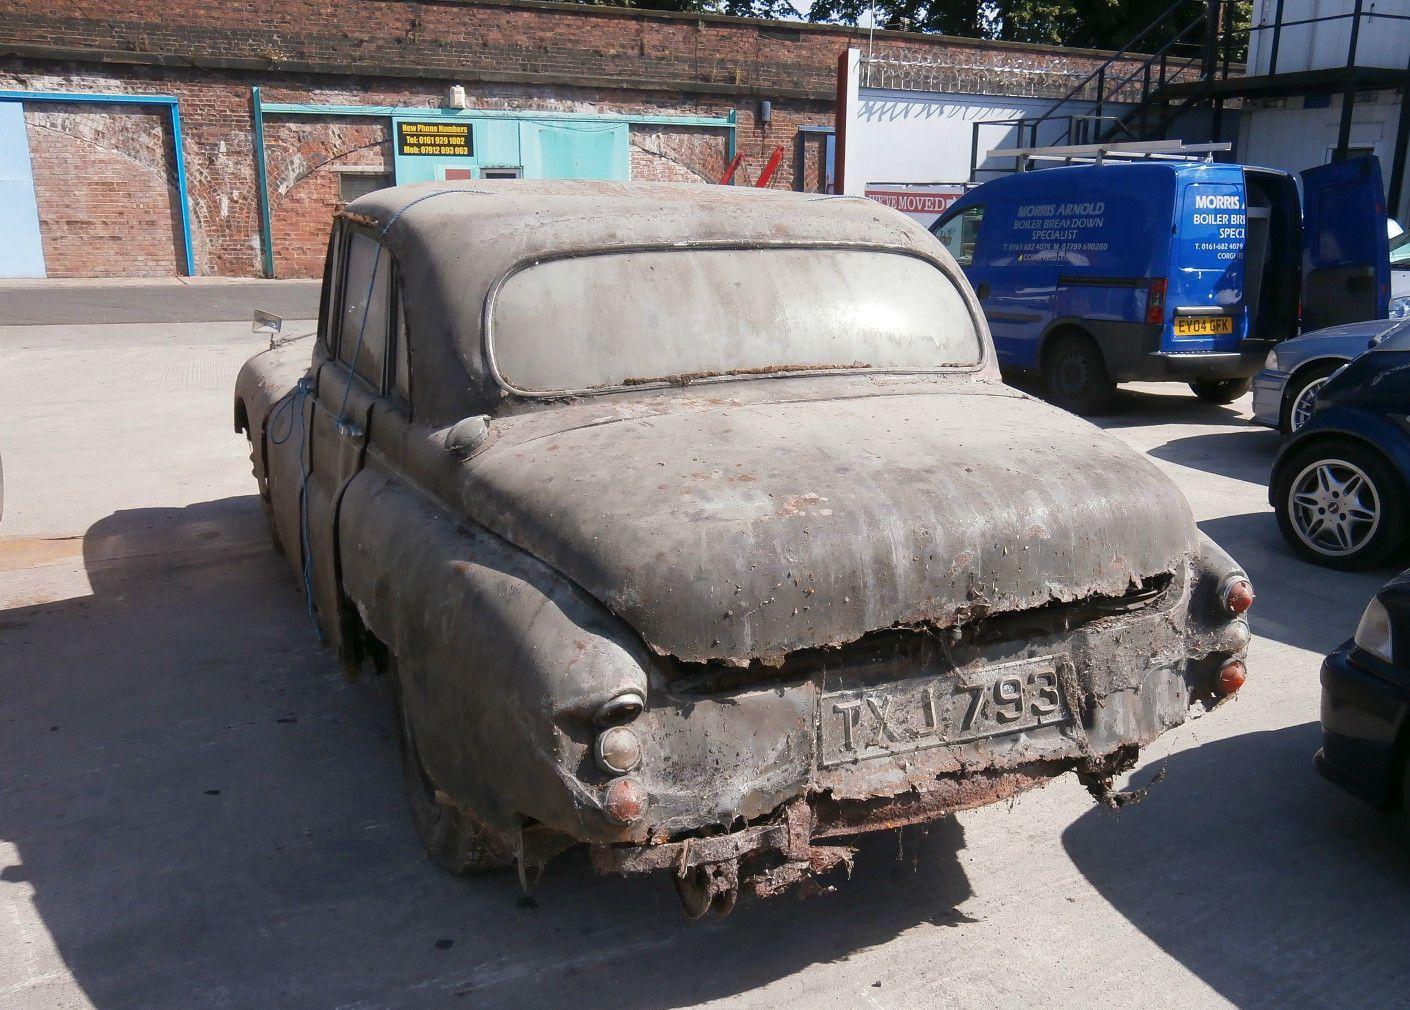 Hoe spijtig ook, restauratie van dit stuk Britse automobiele erfgoed is economisch niet verantwoord. De kosten overstijgen de uiteindelijke waarde vele malen